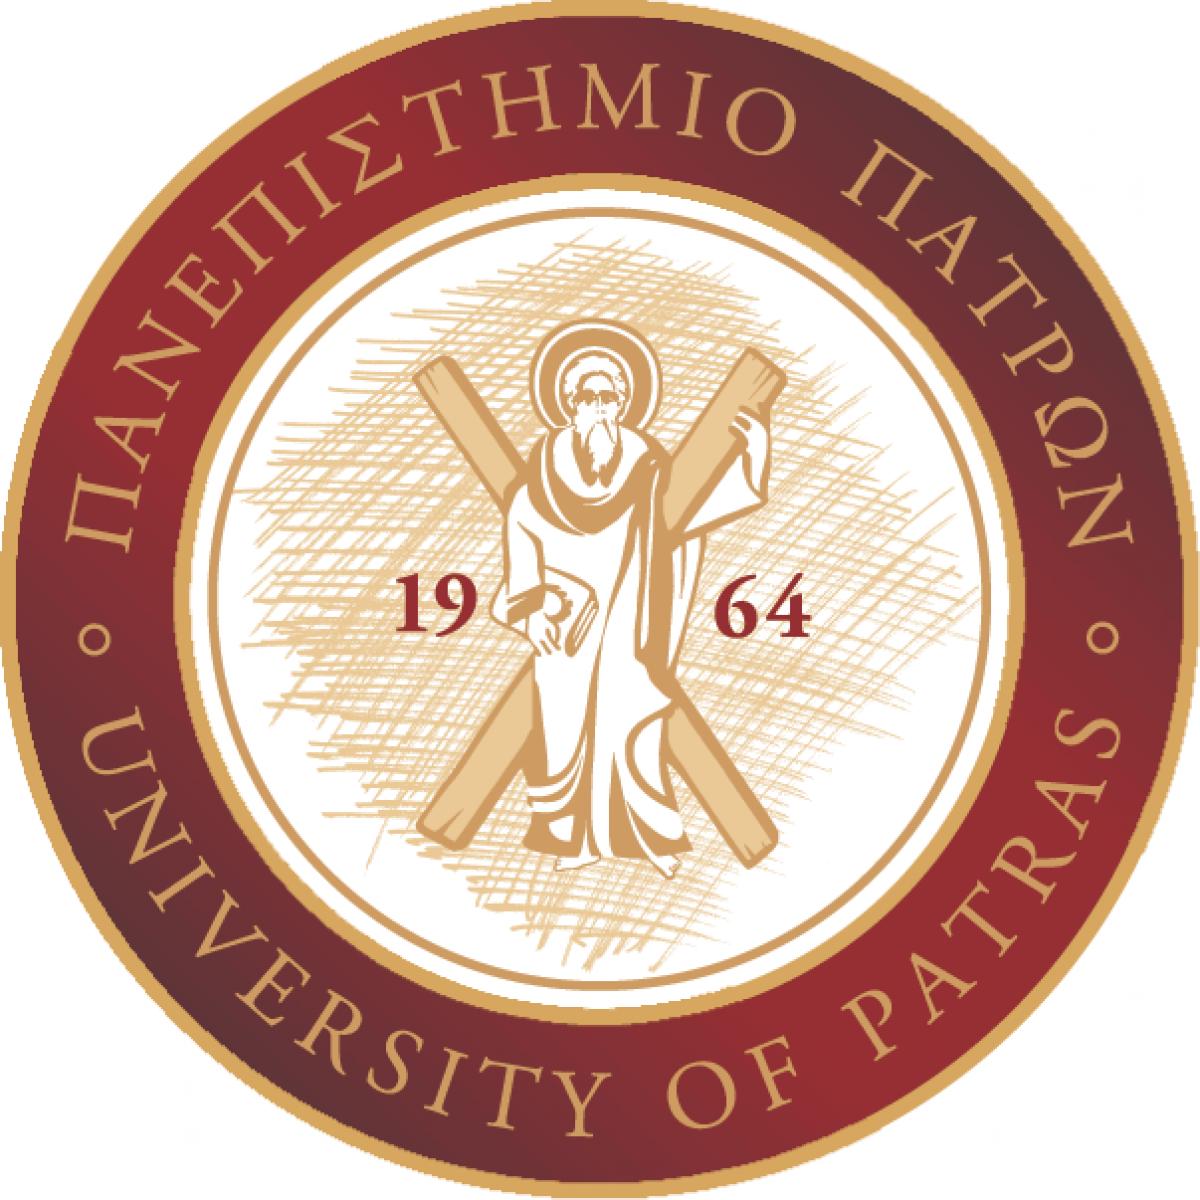 Προκήρυξη Θέσεων Υποψηφίων Διδακτόρων στο Τμήμα Αρχιτεκτόνων Μηχανικών του Πανεπιστημίου Πατρών